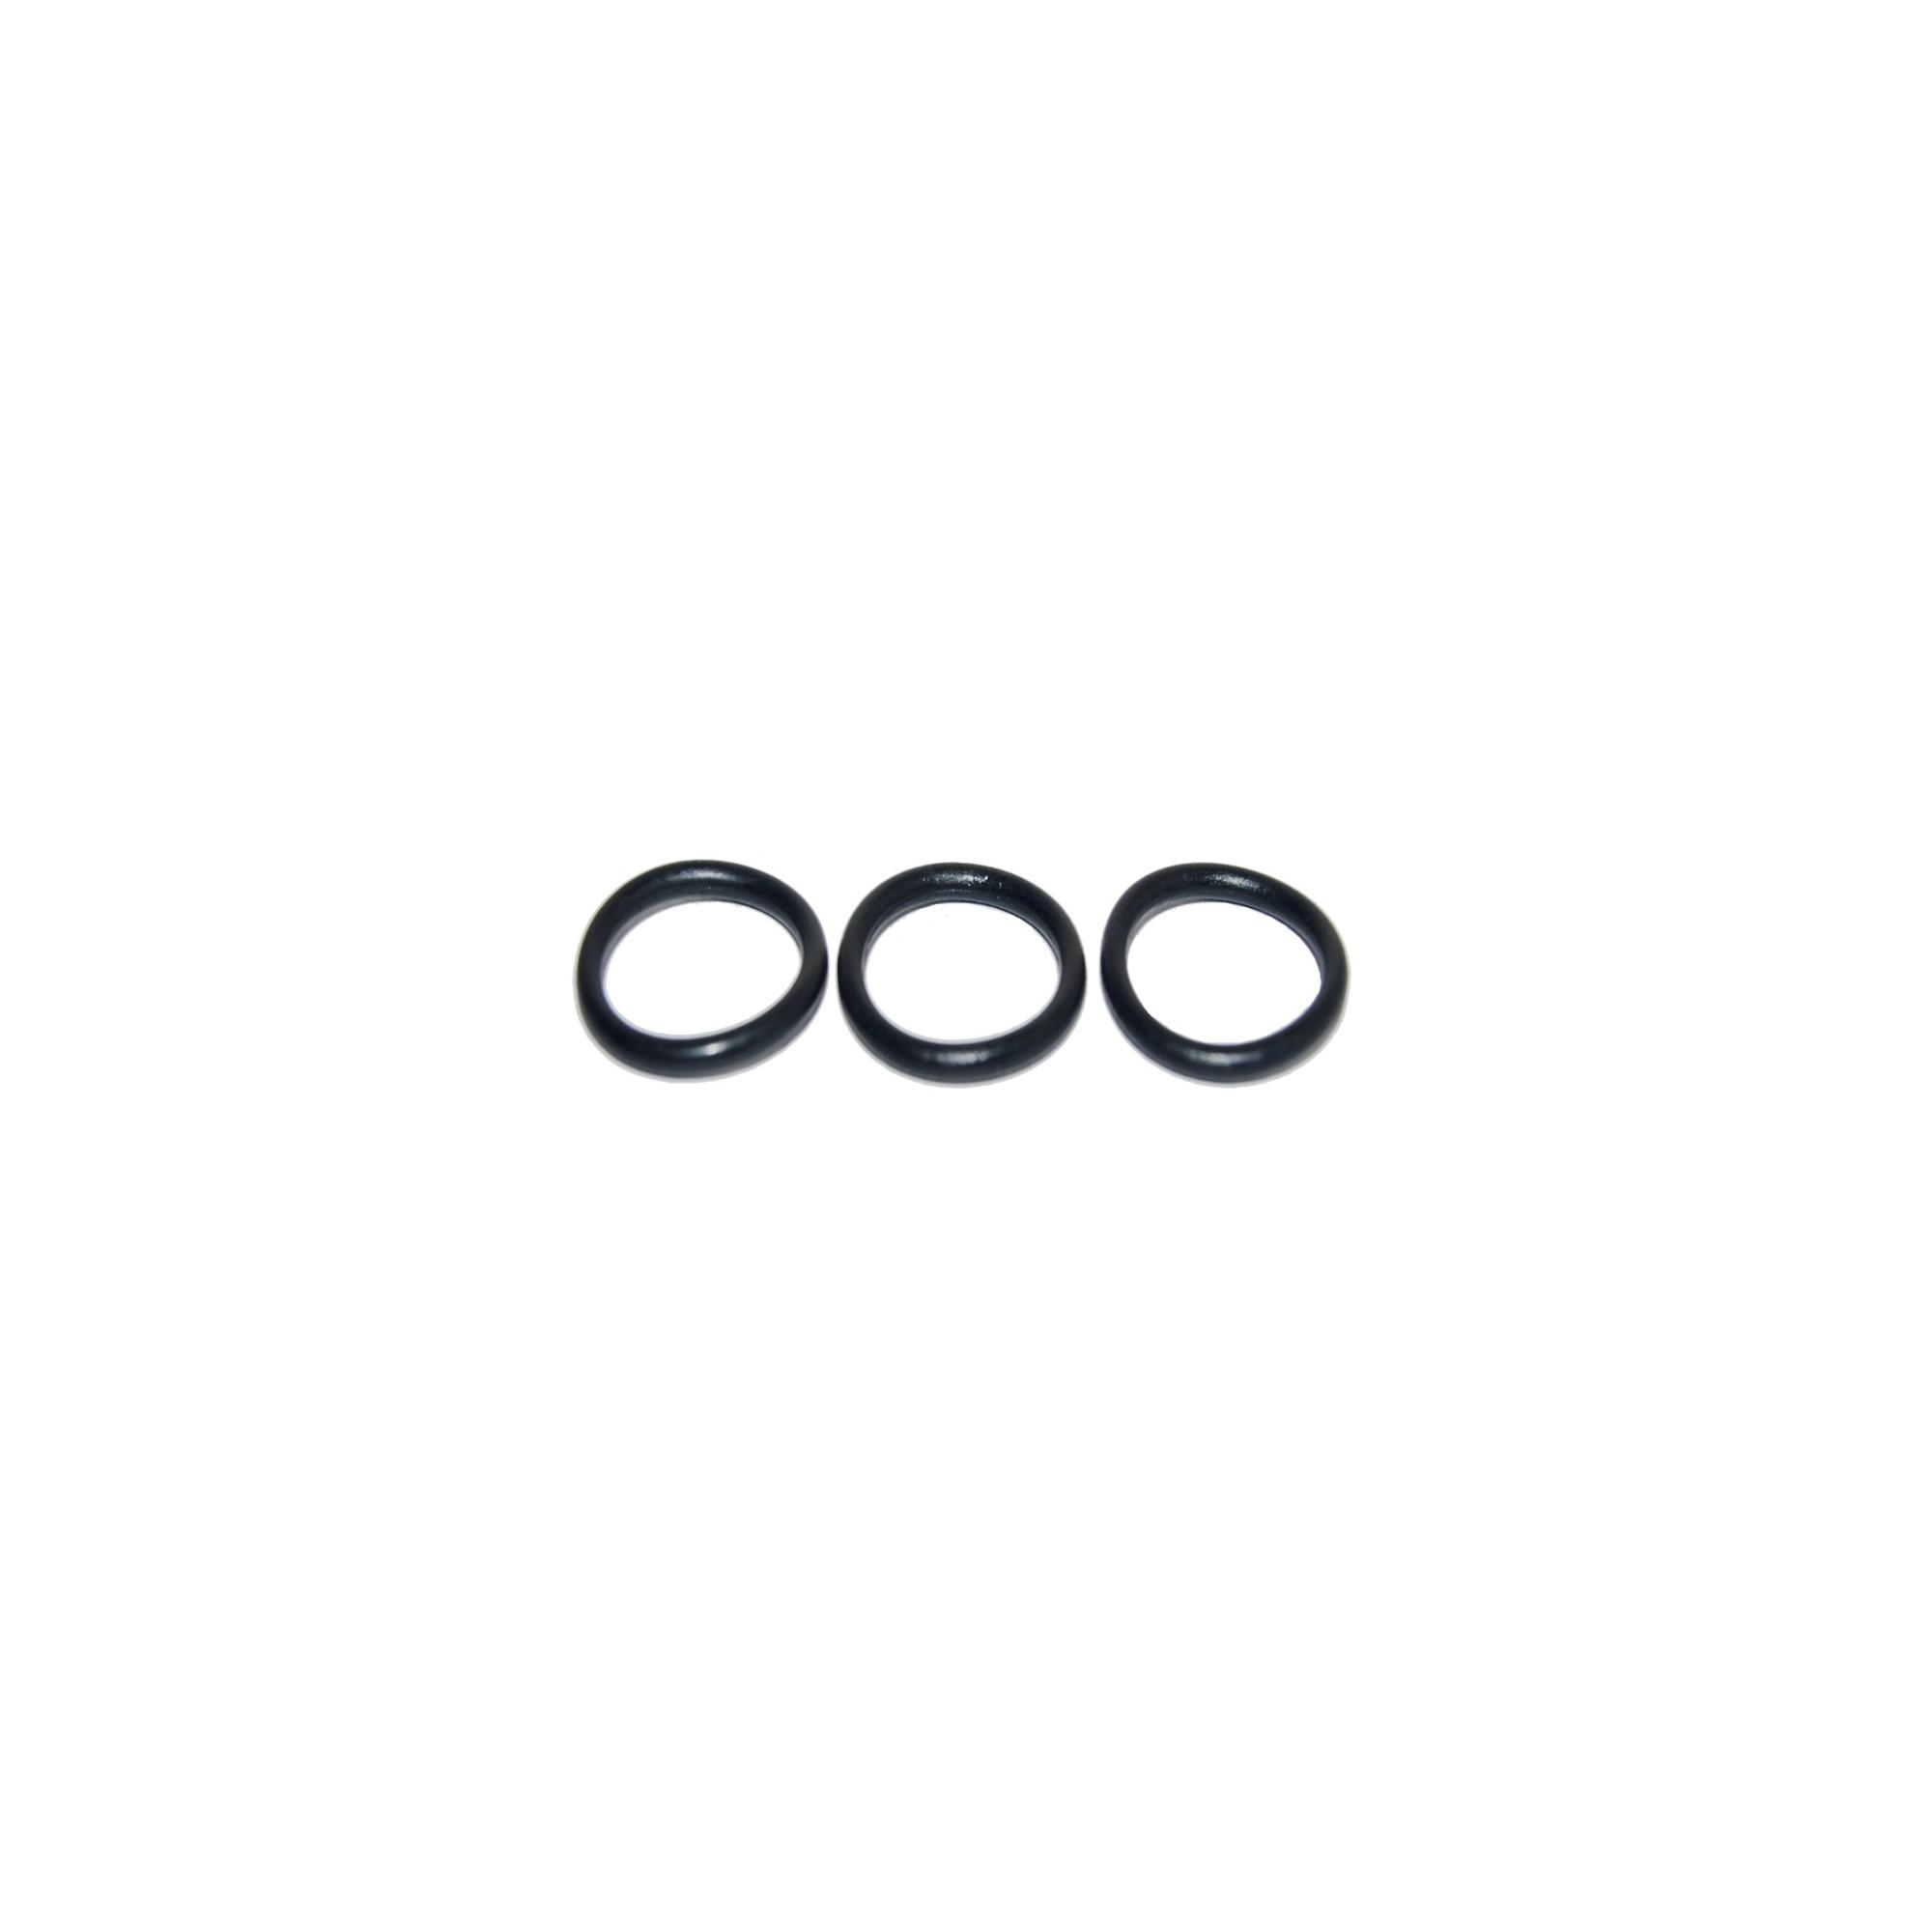 Упаковка резиновых прокладок 100 шт кольцо на импортный гусак 18мм*13.2мм*2.4мм J.G. - 1